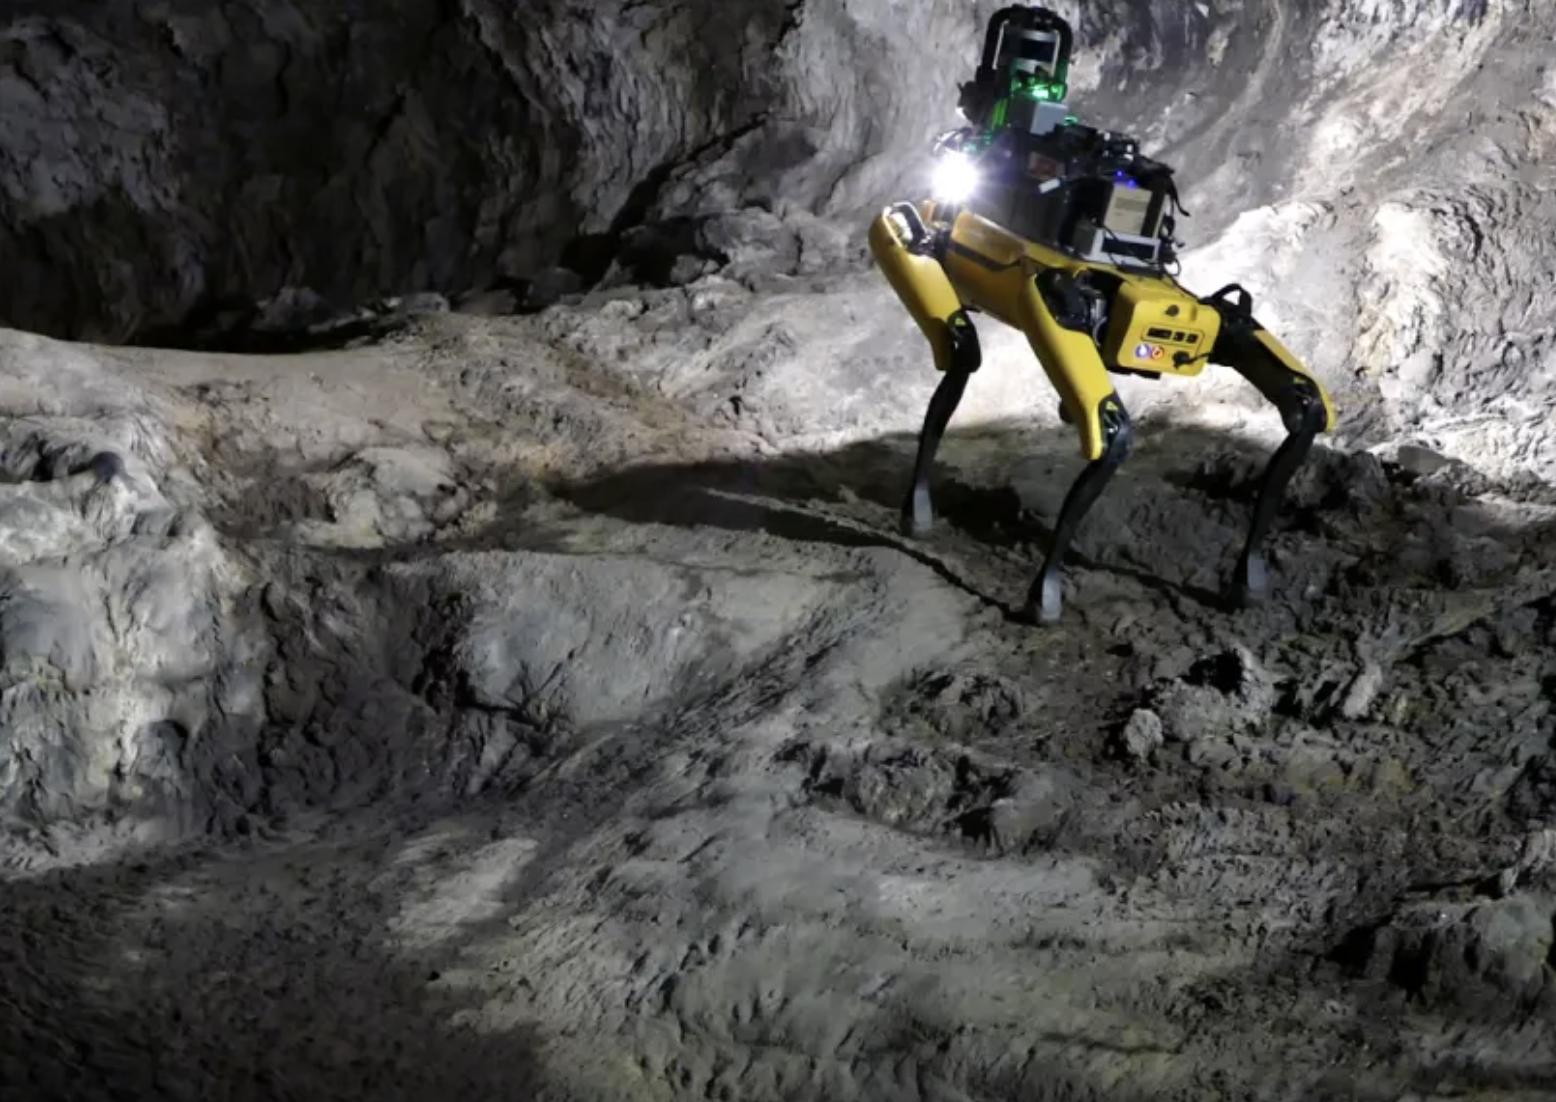 Au-Spot, el perro robot que la NASA planea enviar a Marte